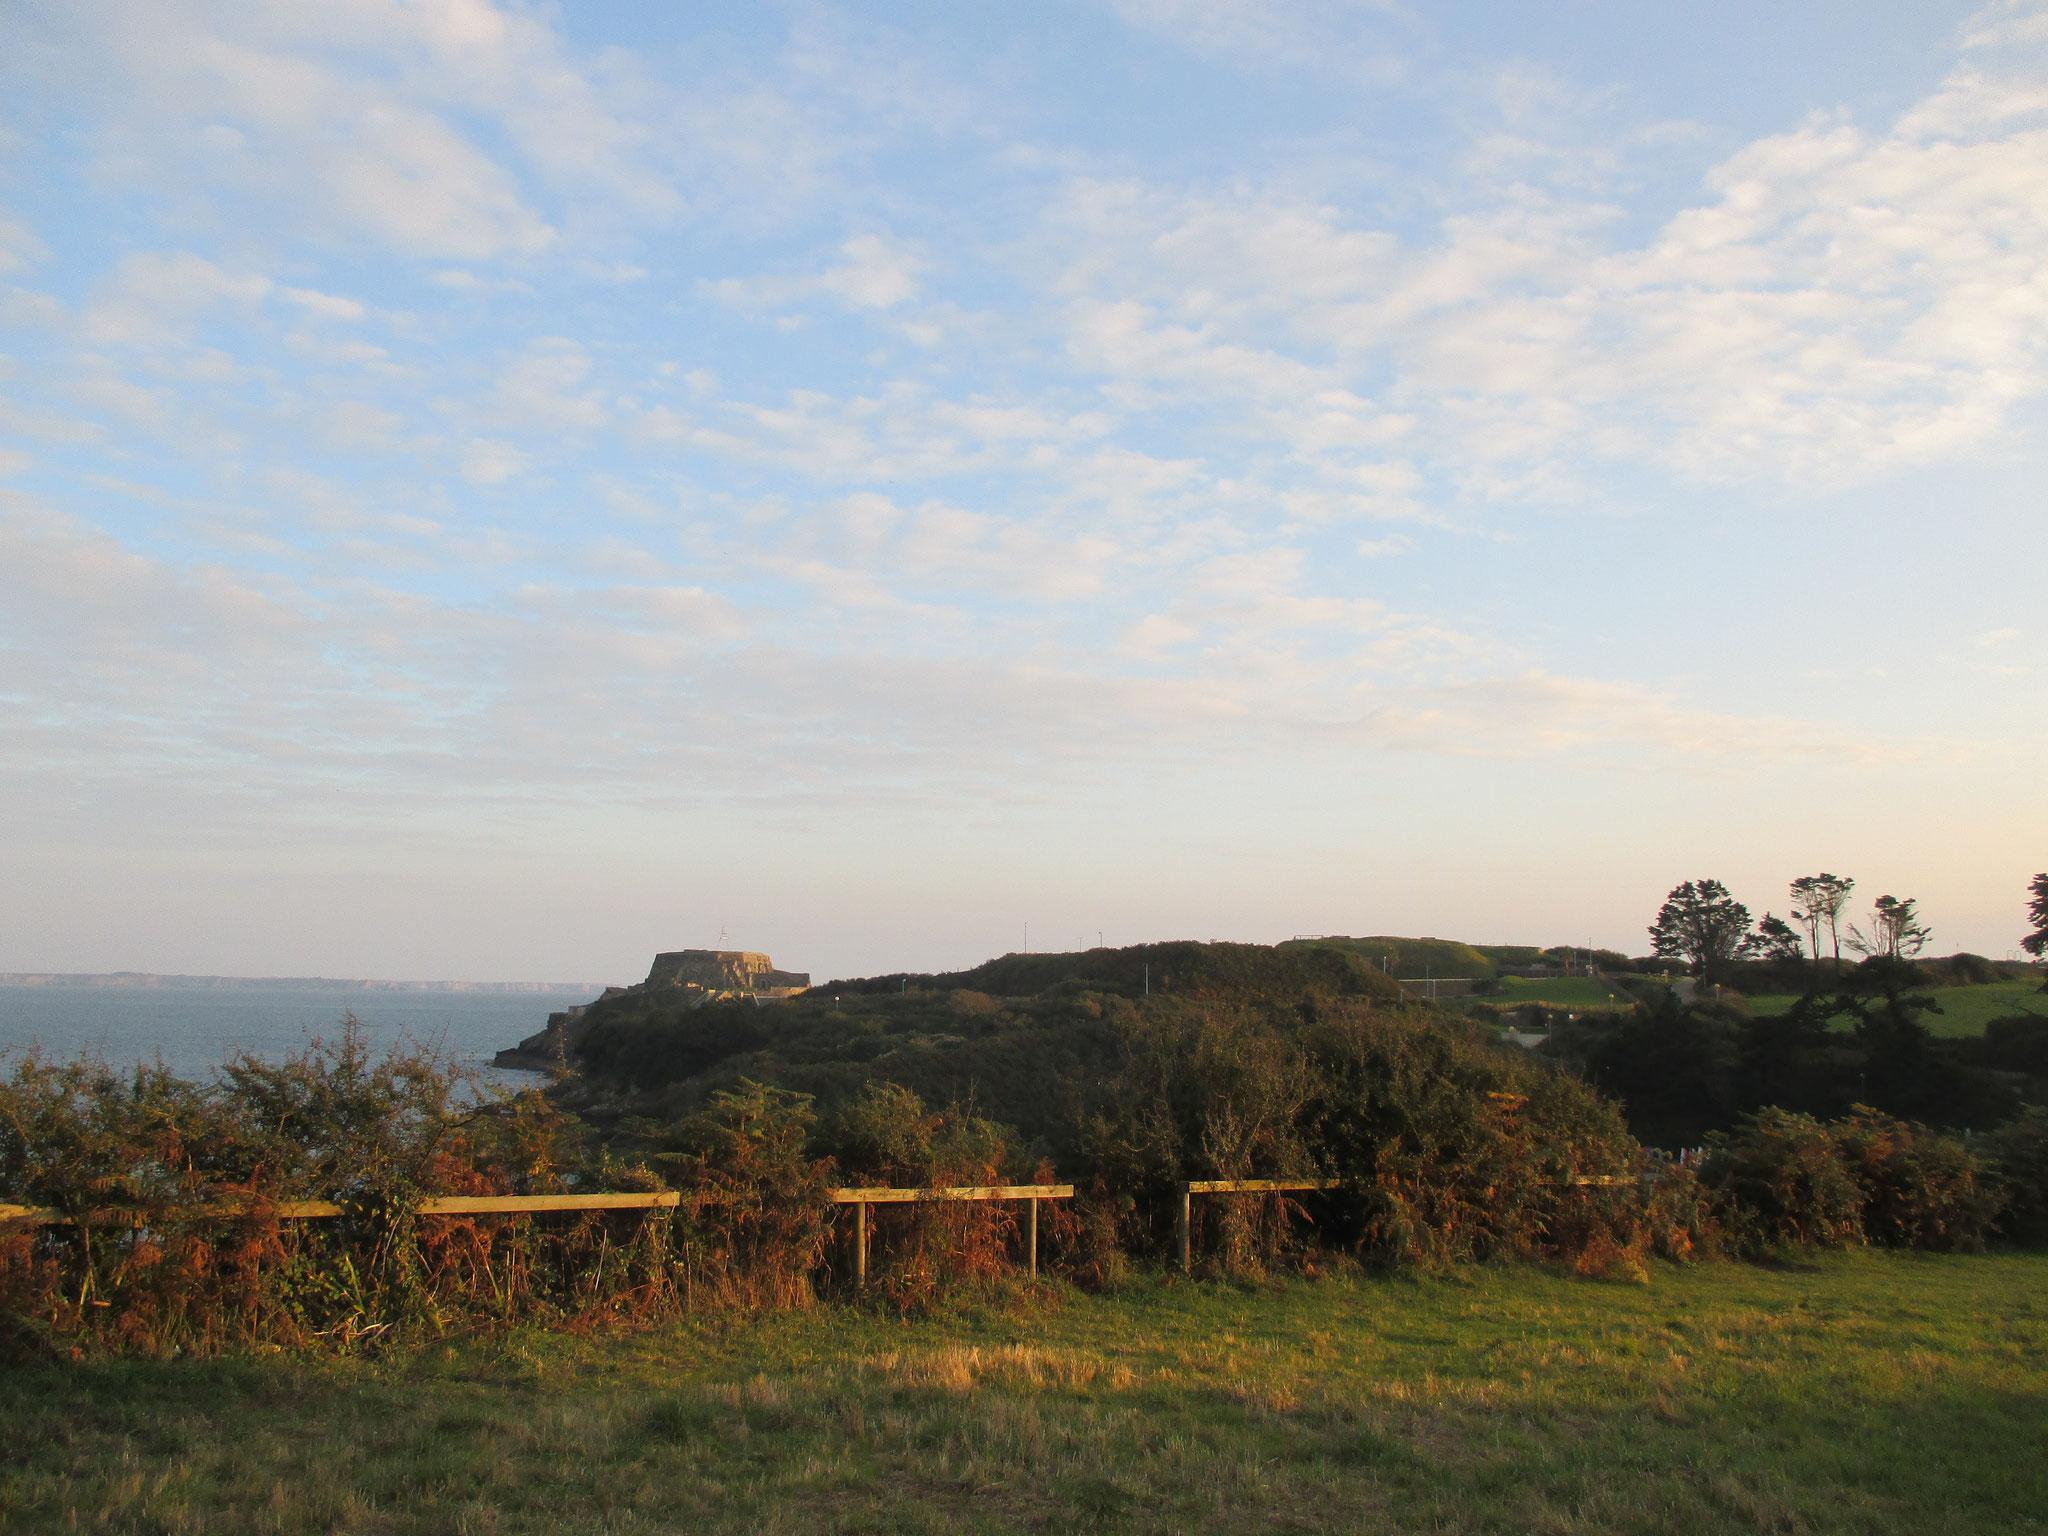 Le fort de Berthaume